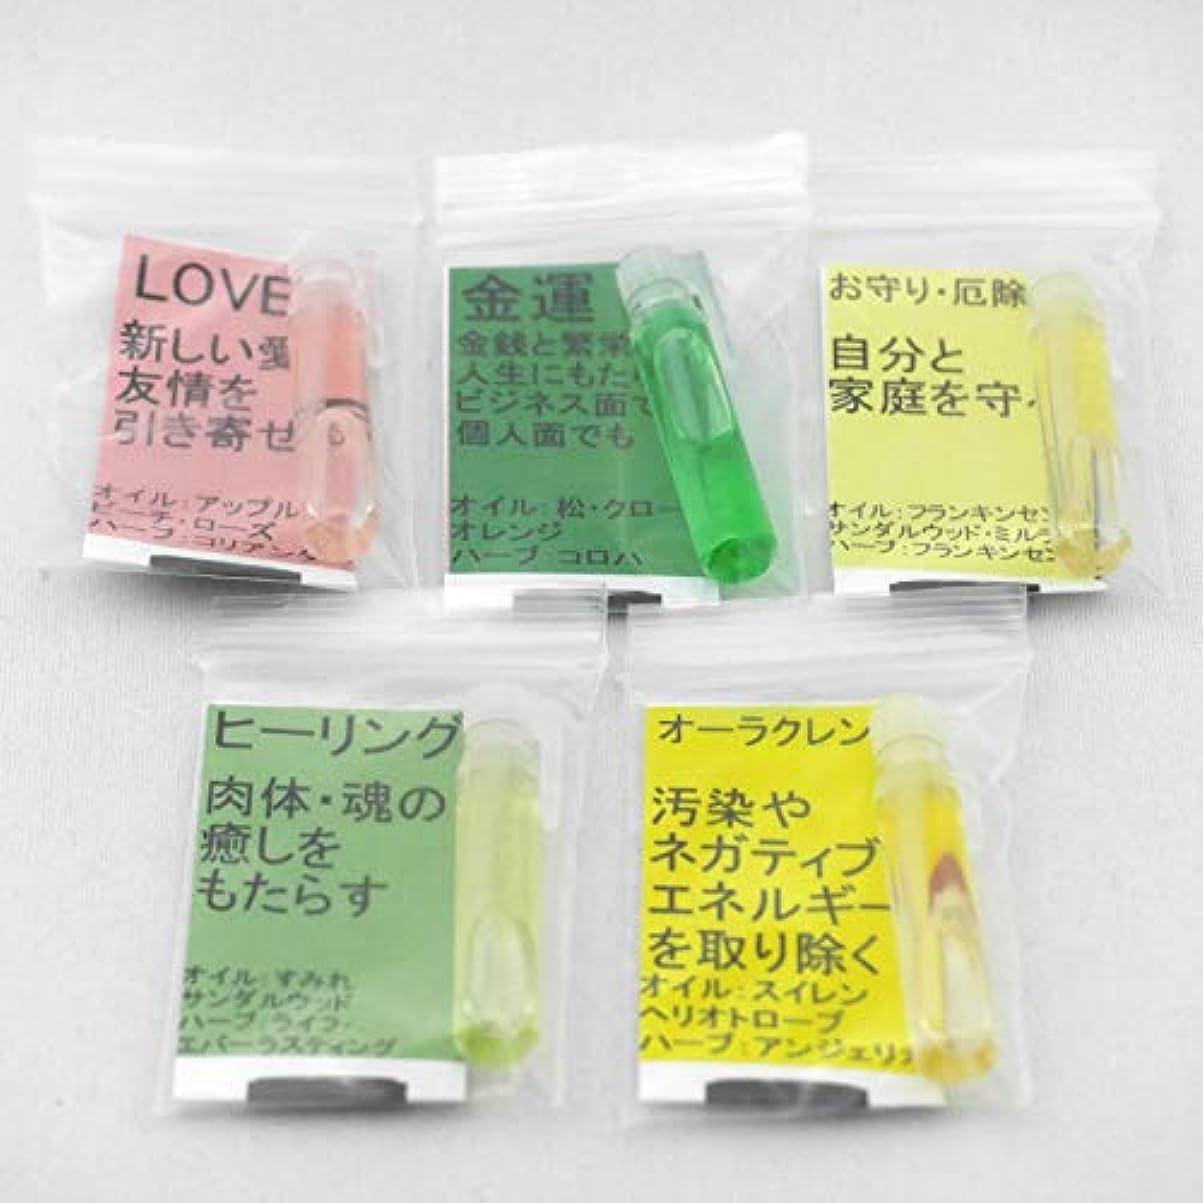 チェスをする意識的統治するアンシェントメモリーオイル 基本の5本小分けセット(LOVE?MoneyDraw?Protection?Healing?Aura Cleanse)